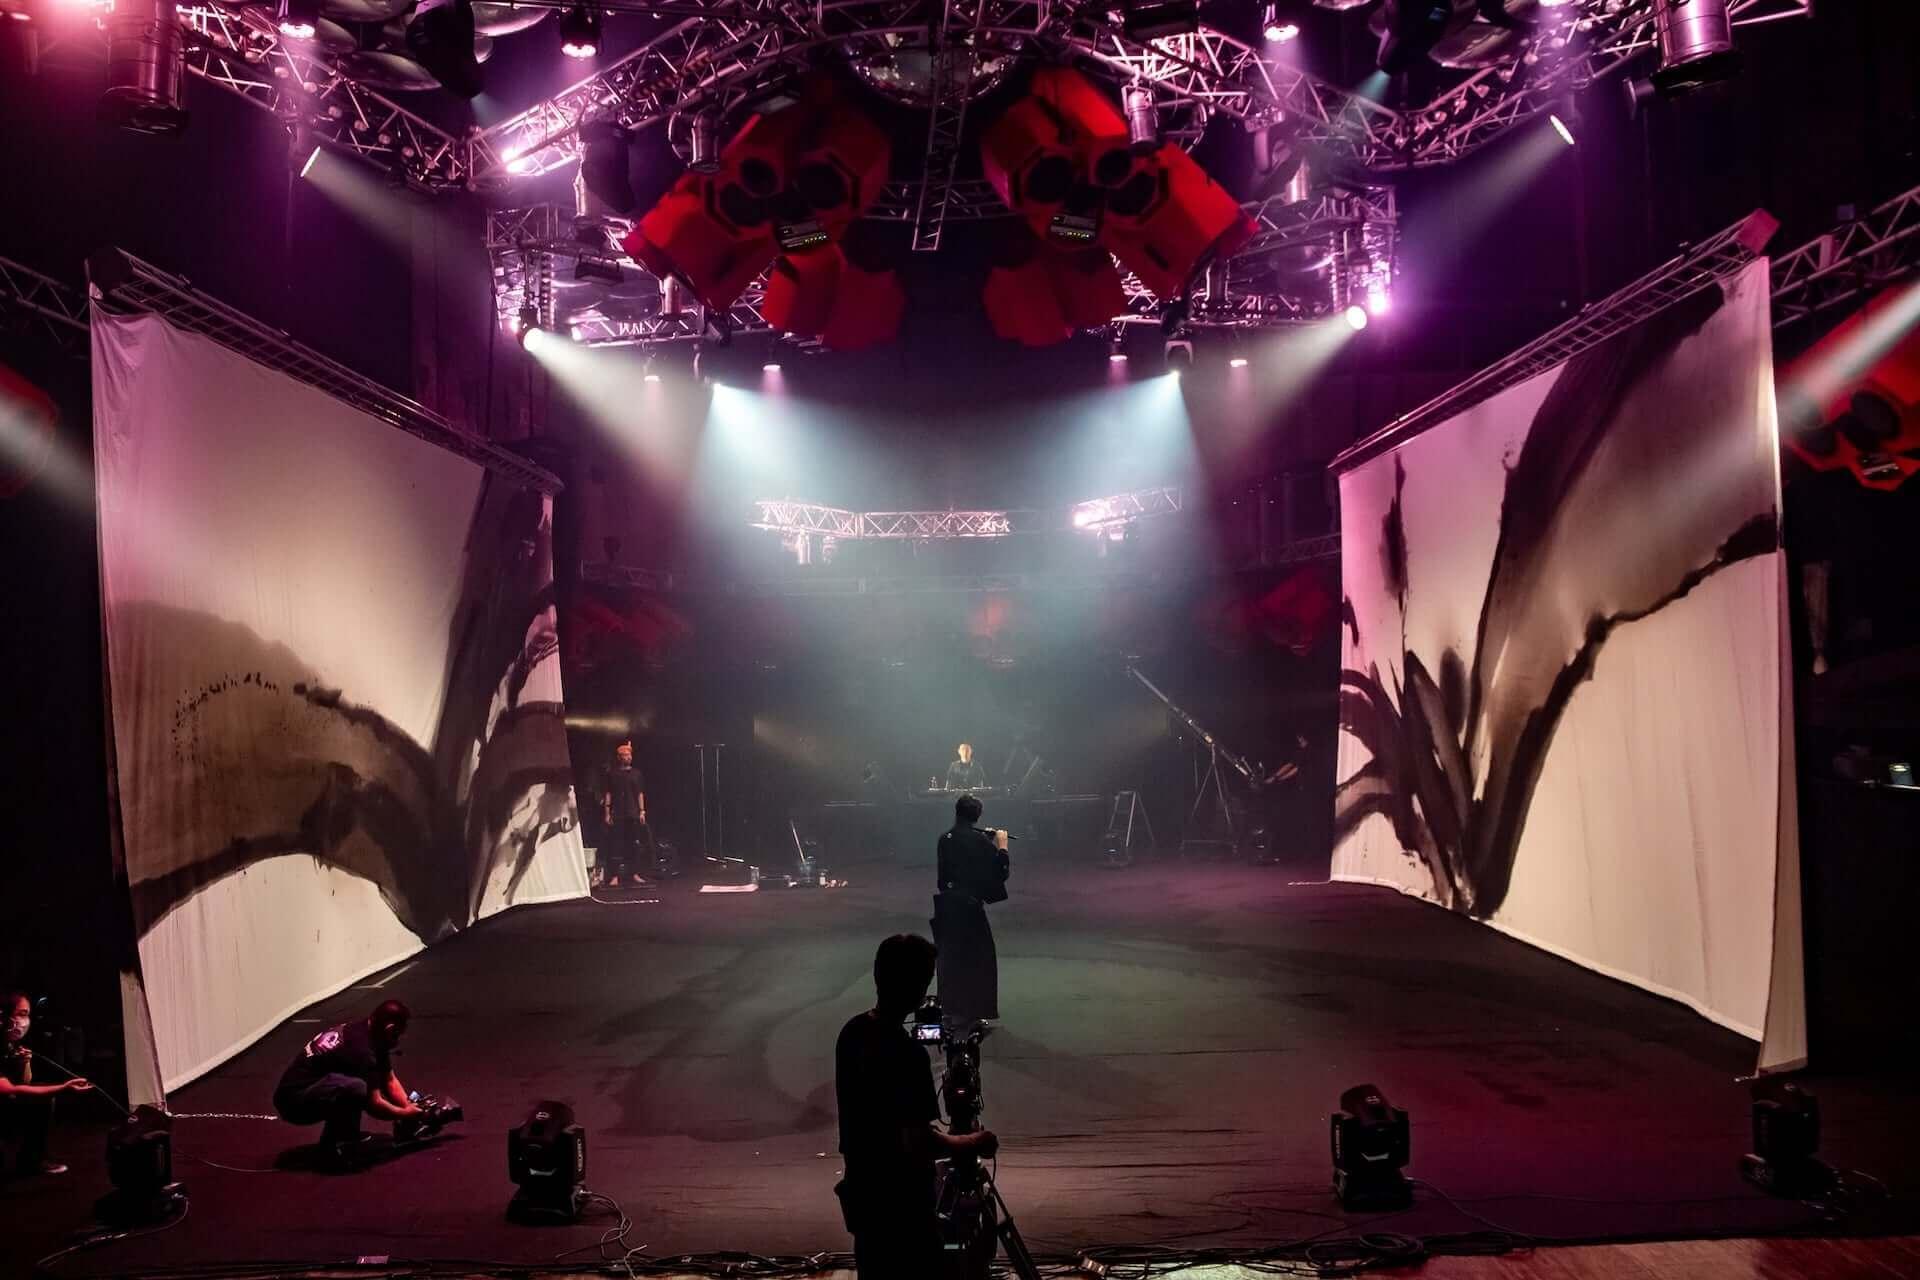 エグいネタバレは「エモい!」じゃすまされない、えもいわれぬ体験|PUNPEEが再定義したトークイベントの価値 music210709_punpee-tongpoo-015